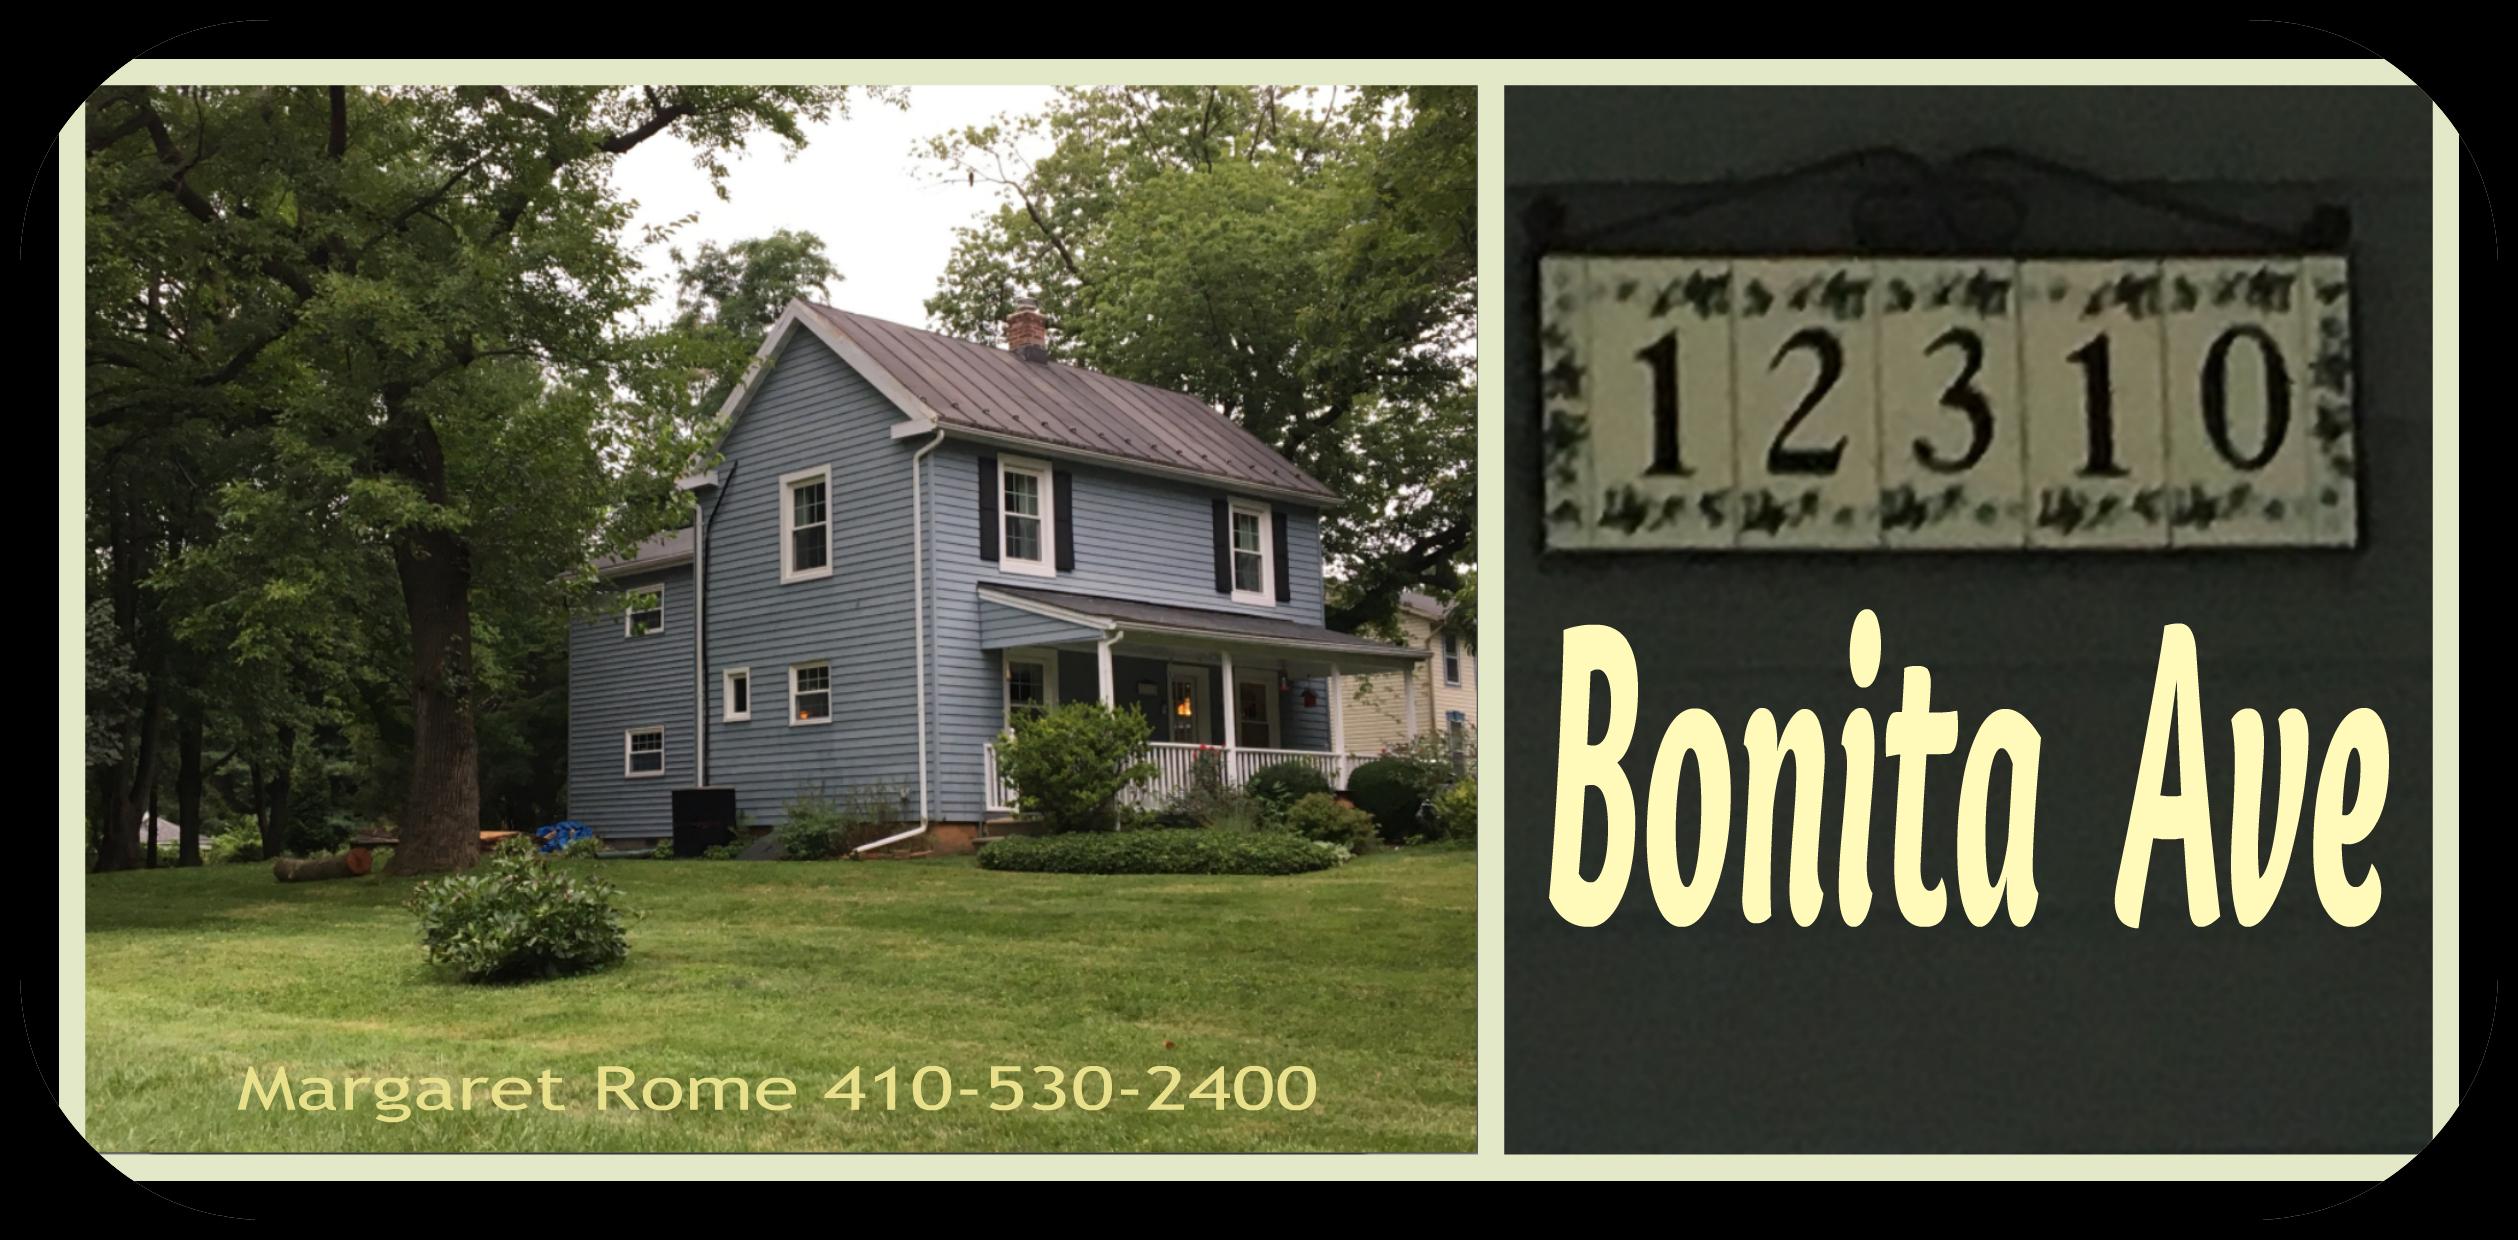 12310 Bonita Ave 410530-2400